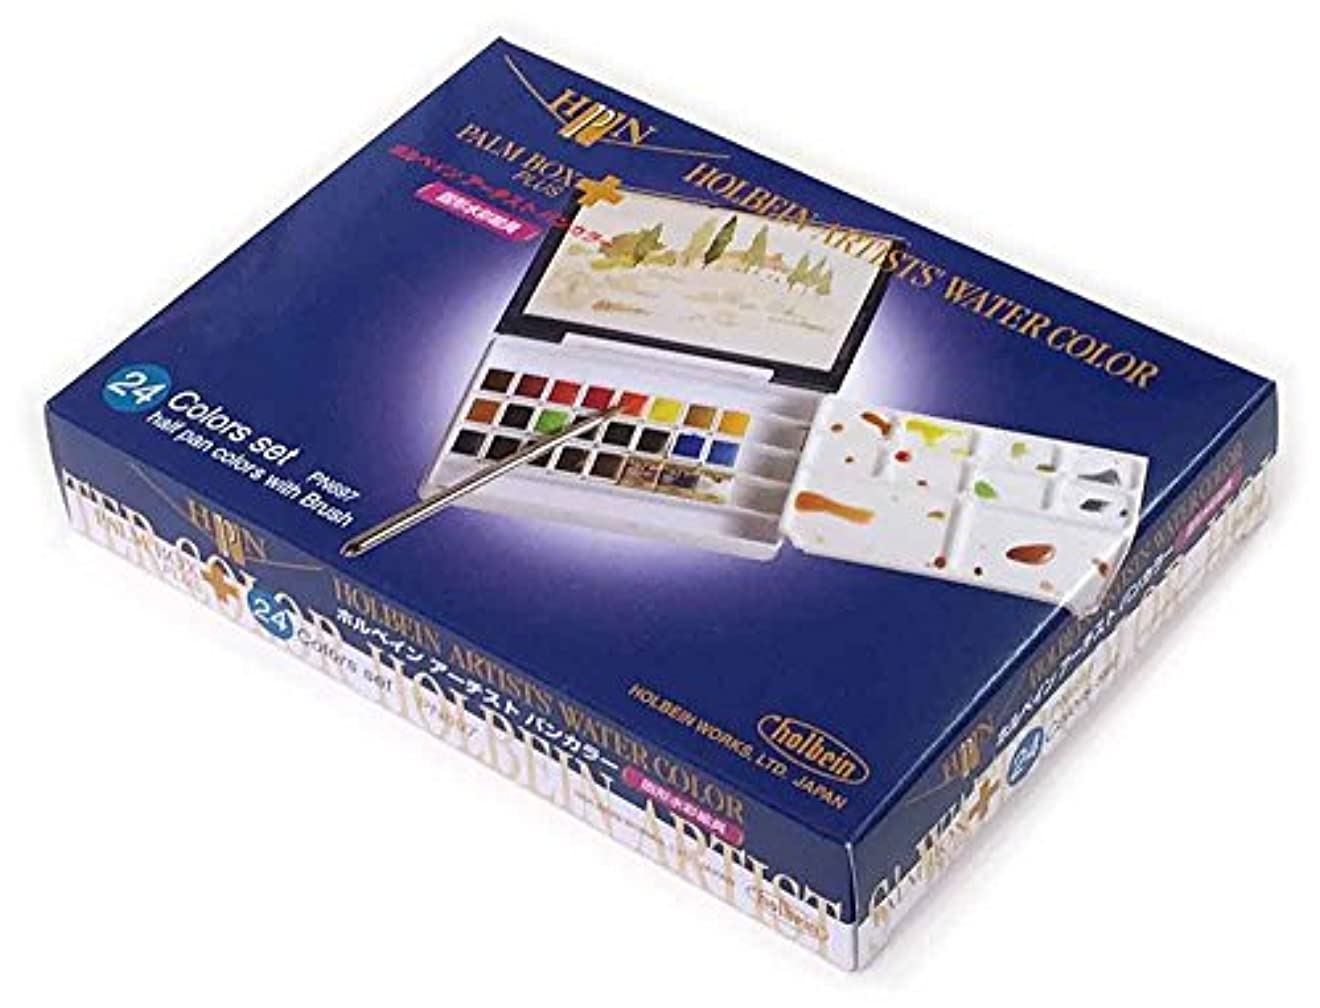 ただやる定義悪のホルベイン 固形水彩絵具 アーチストパンカラー 24色セット 樹脂ケース製 PN697 ハーフパン